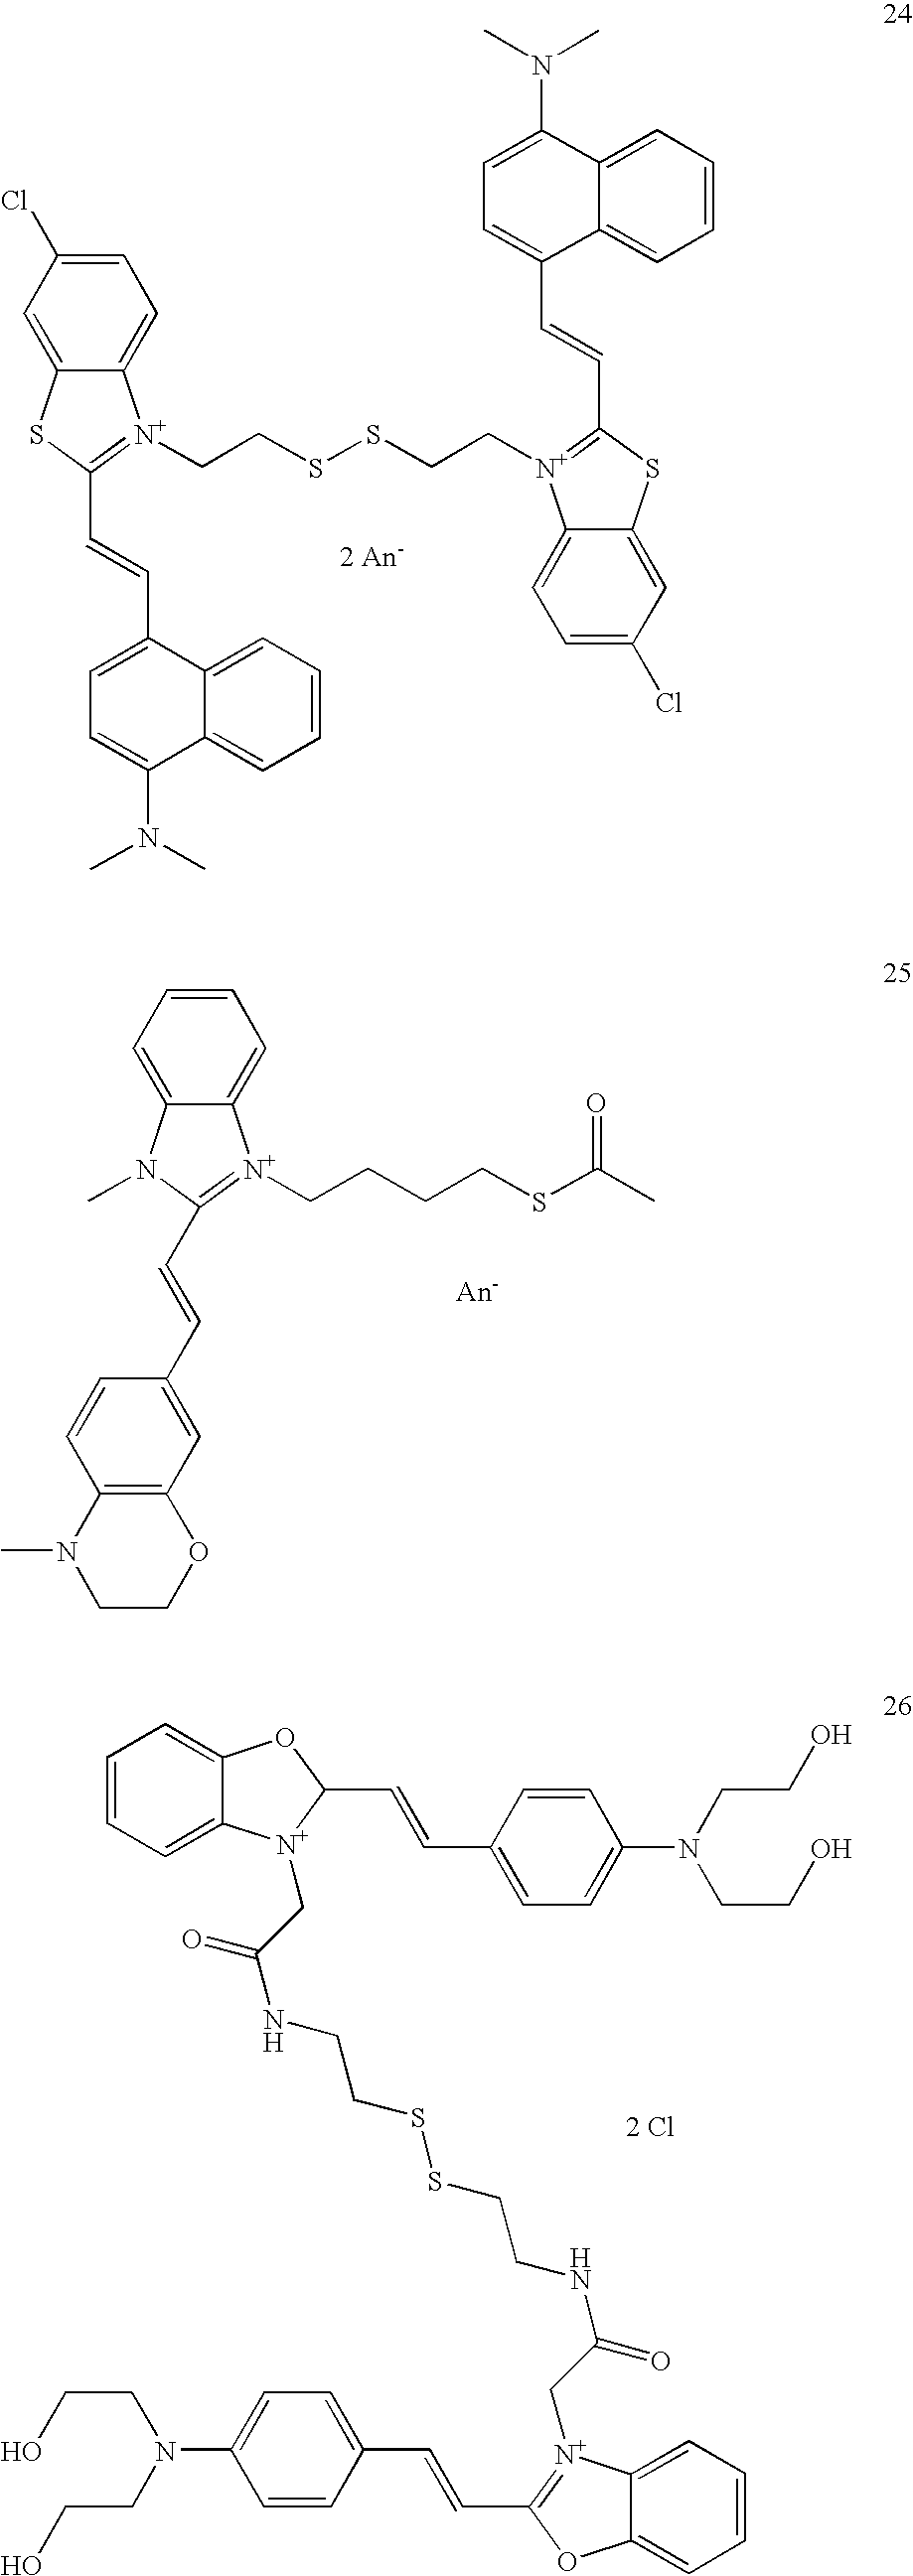 Figure US20090211038A1-20090827-C00065